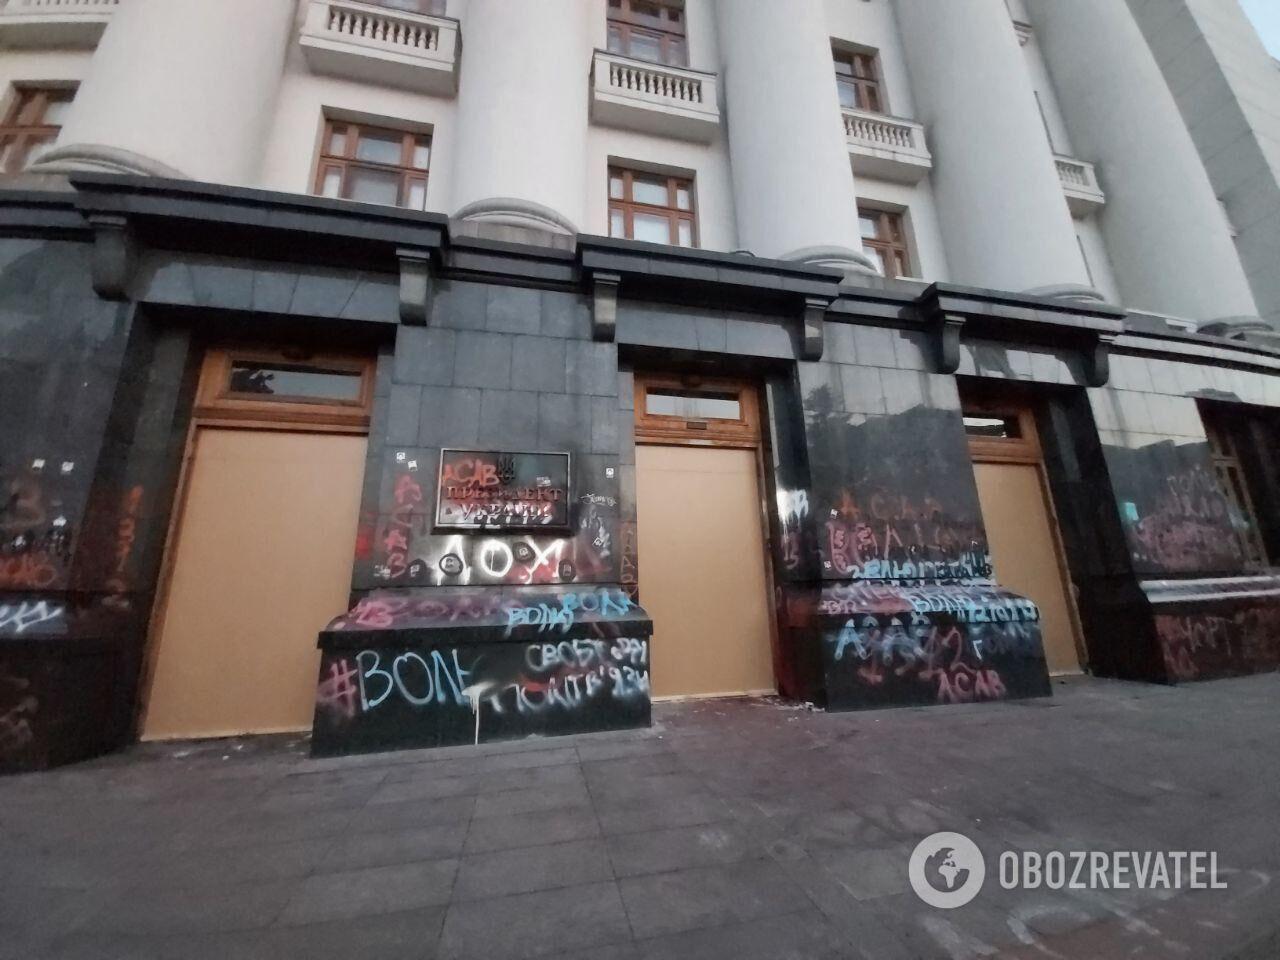 Окна и стены Офиса президента остаются разрисованными граффити